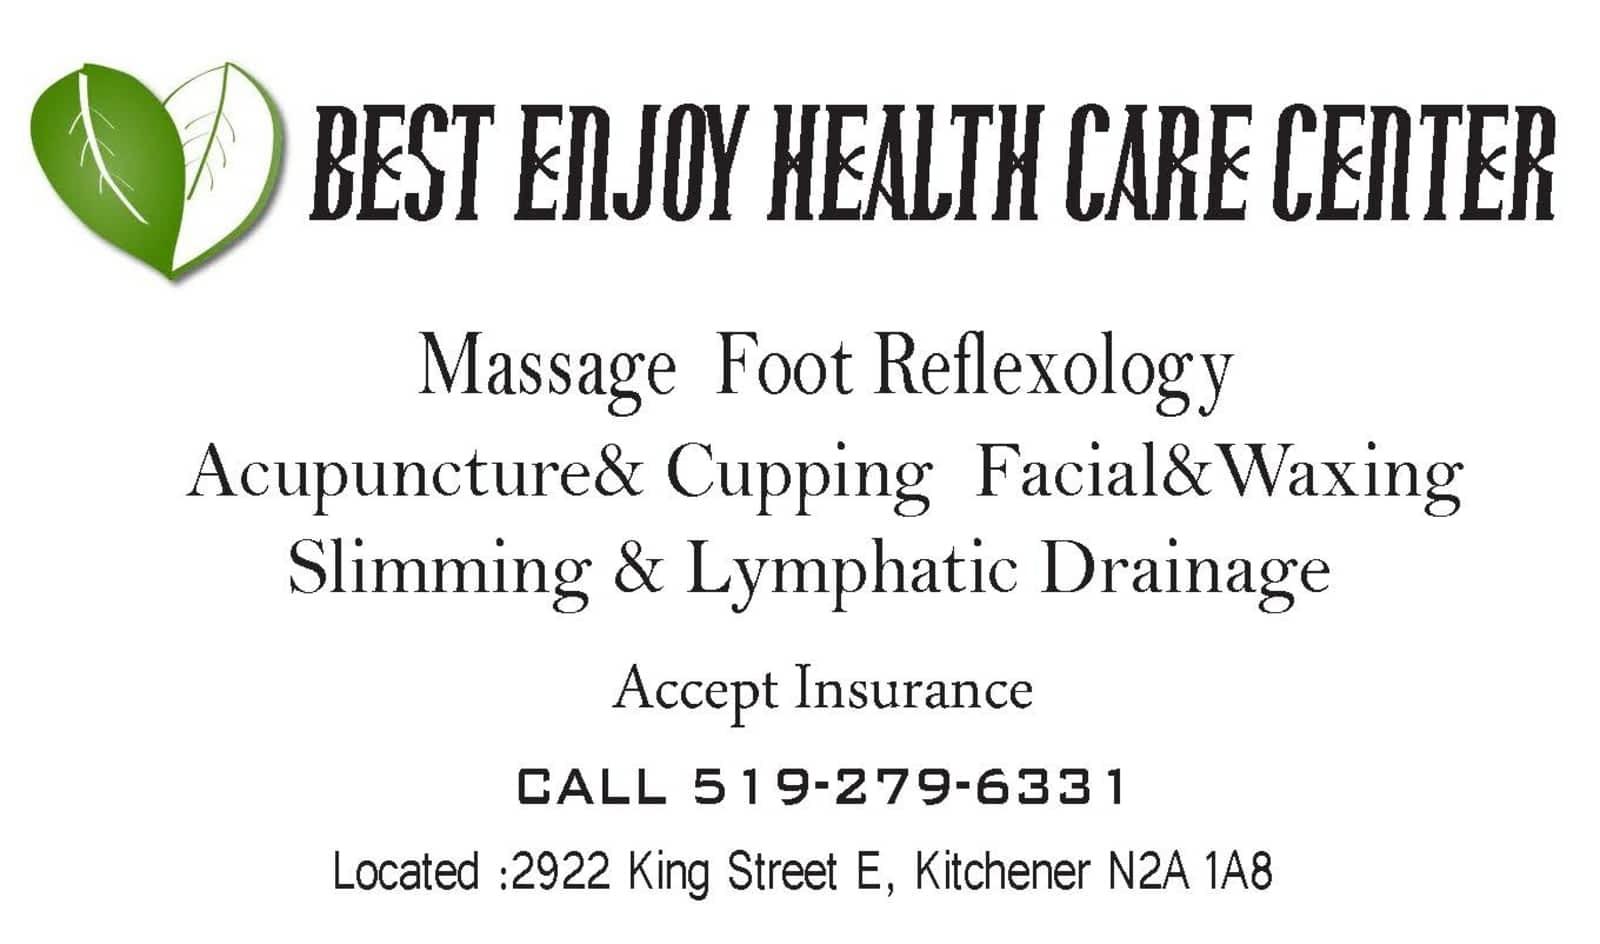 Li\'s Best Enjoy Health Care Center - 2922 King St E, Kitchener, ON